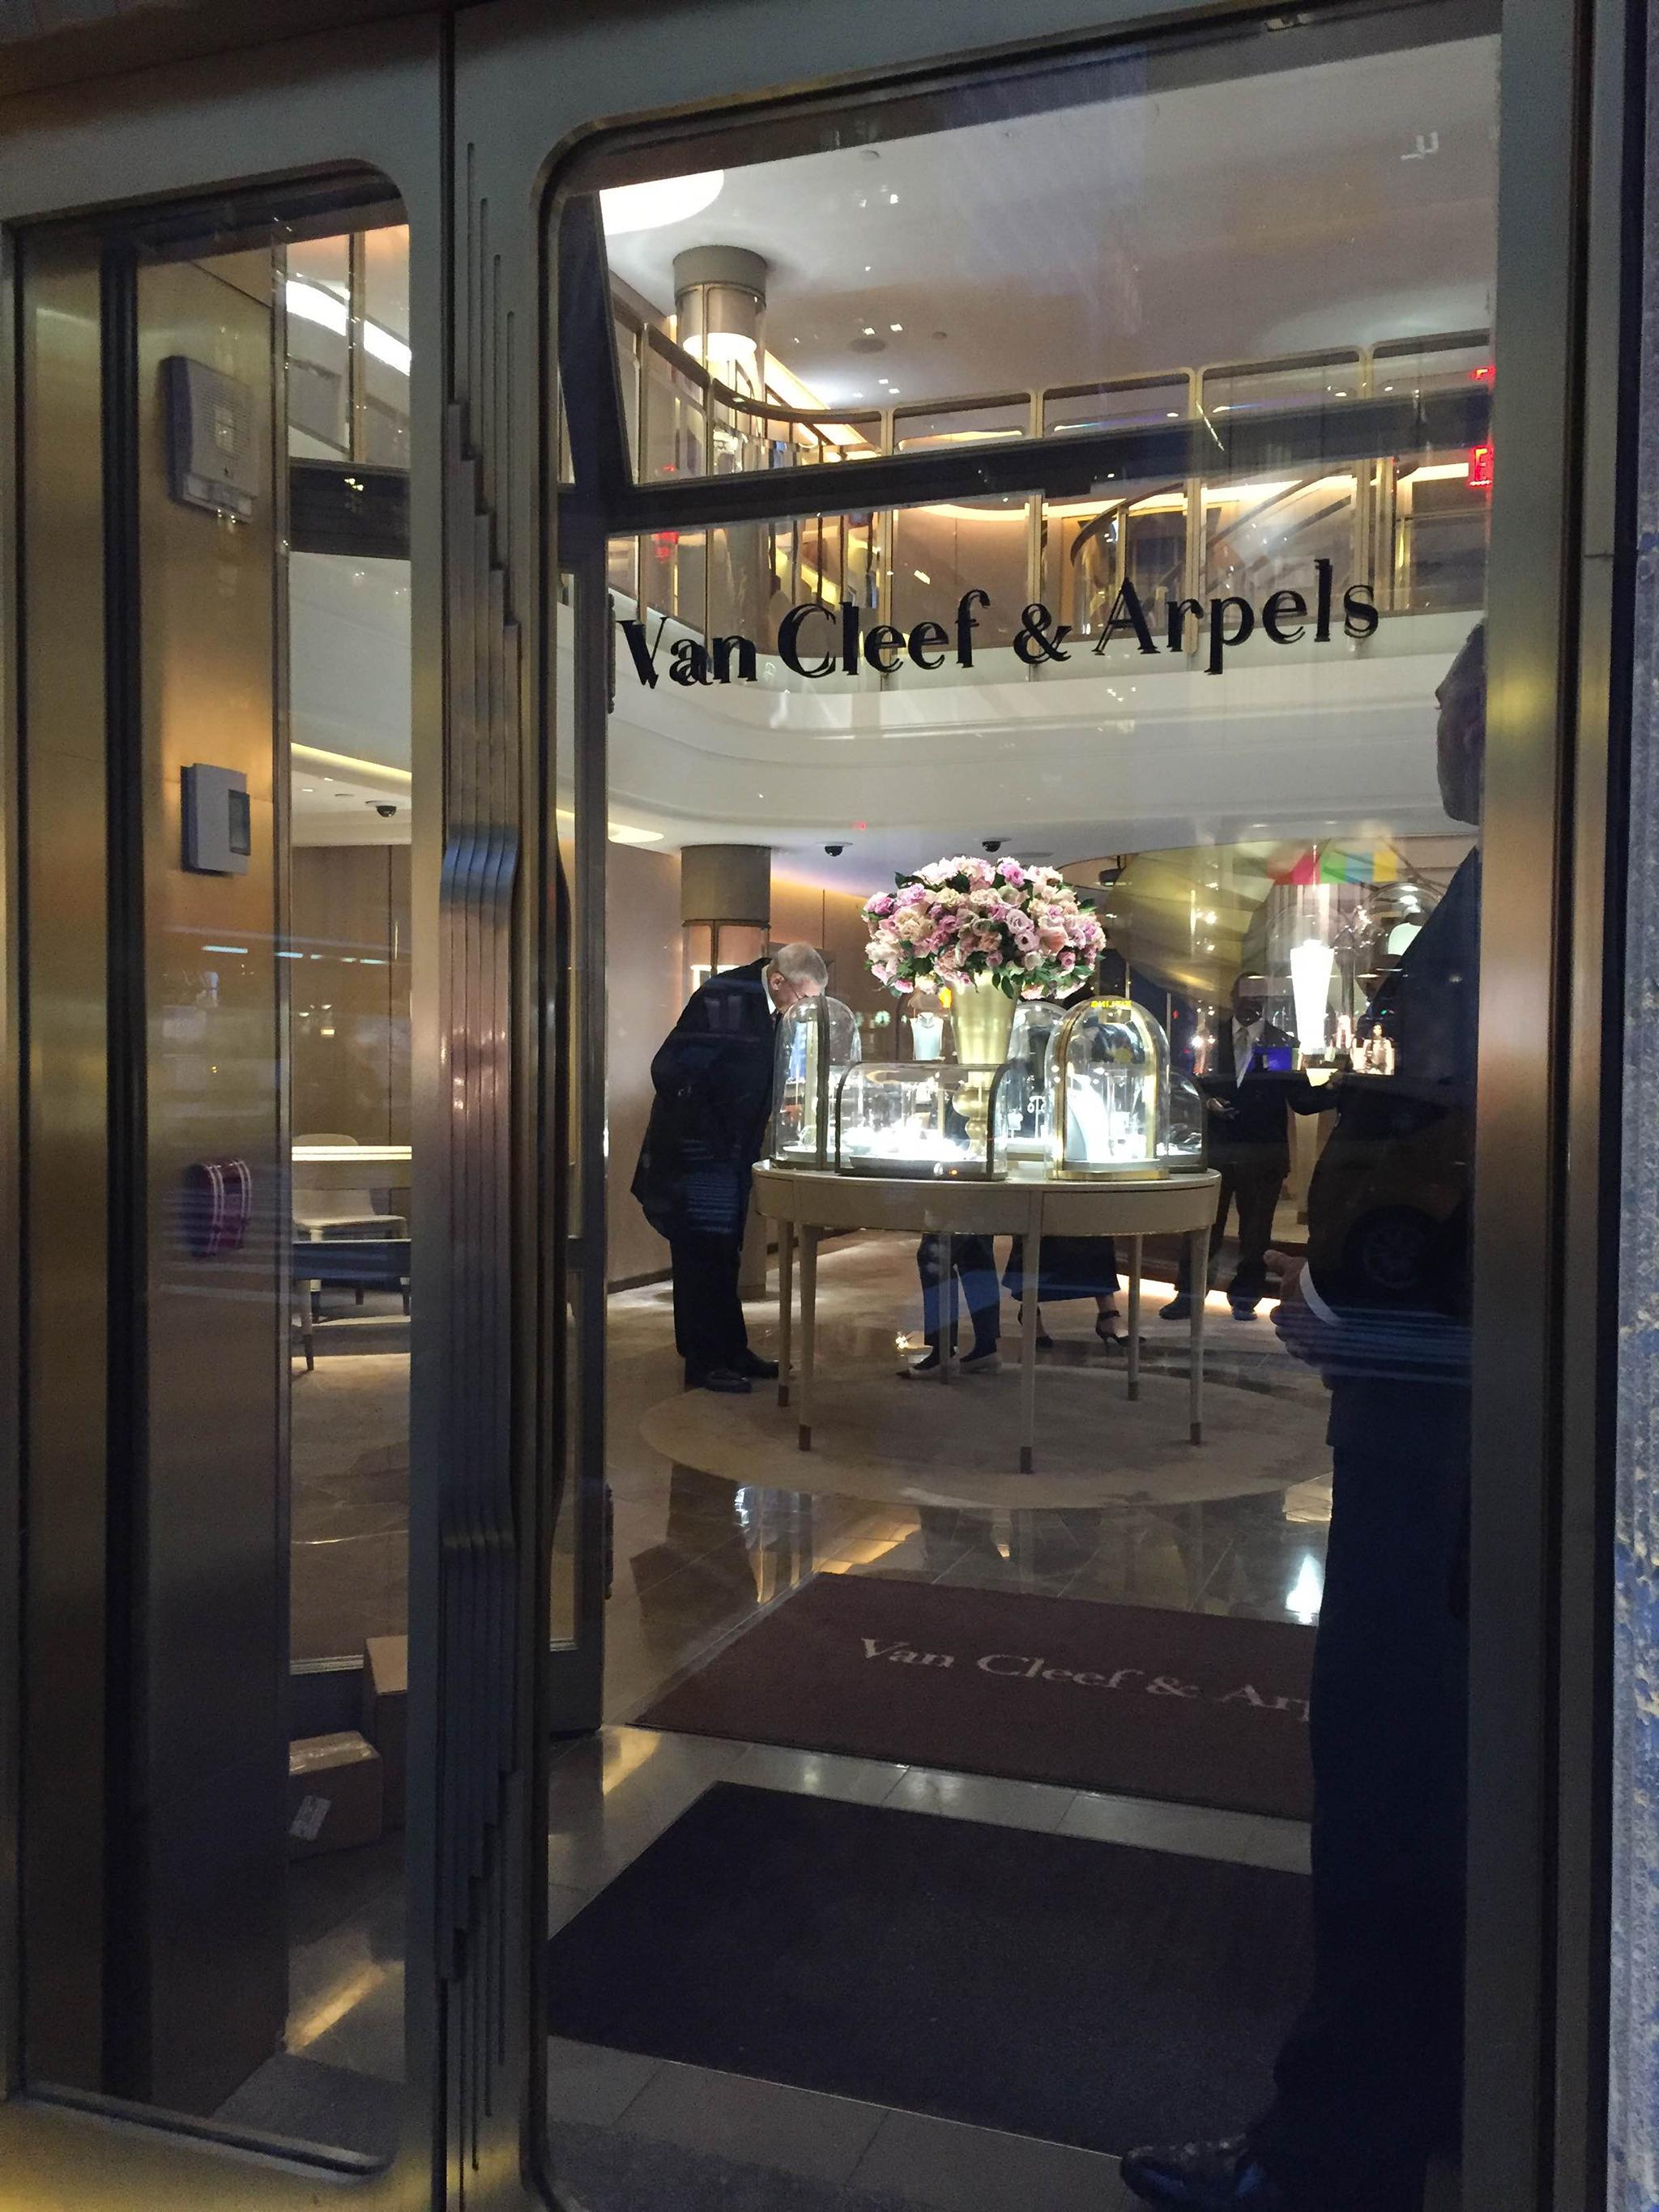 Van-Cleef-Arpels-5th-Ave-Feb-2016-02